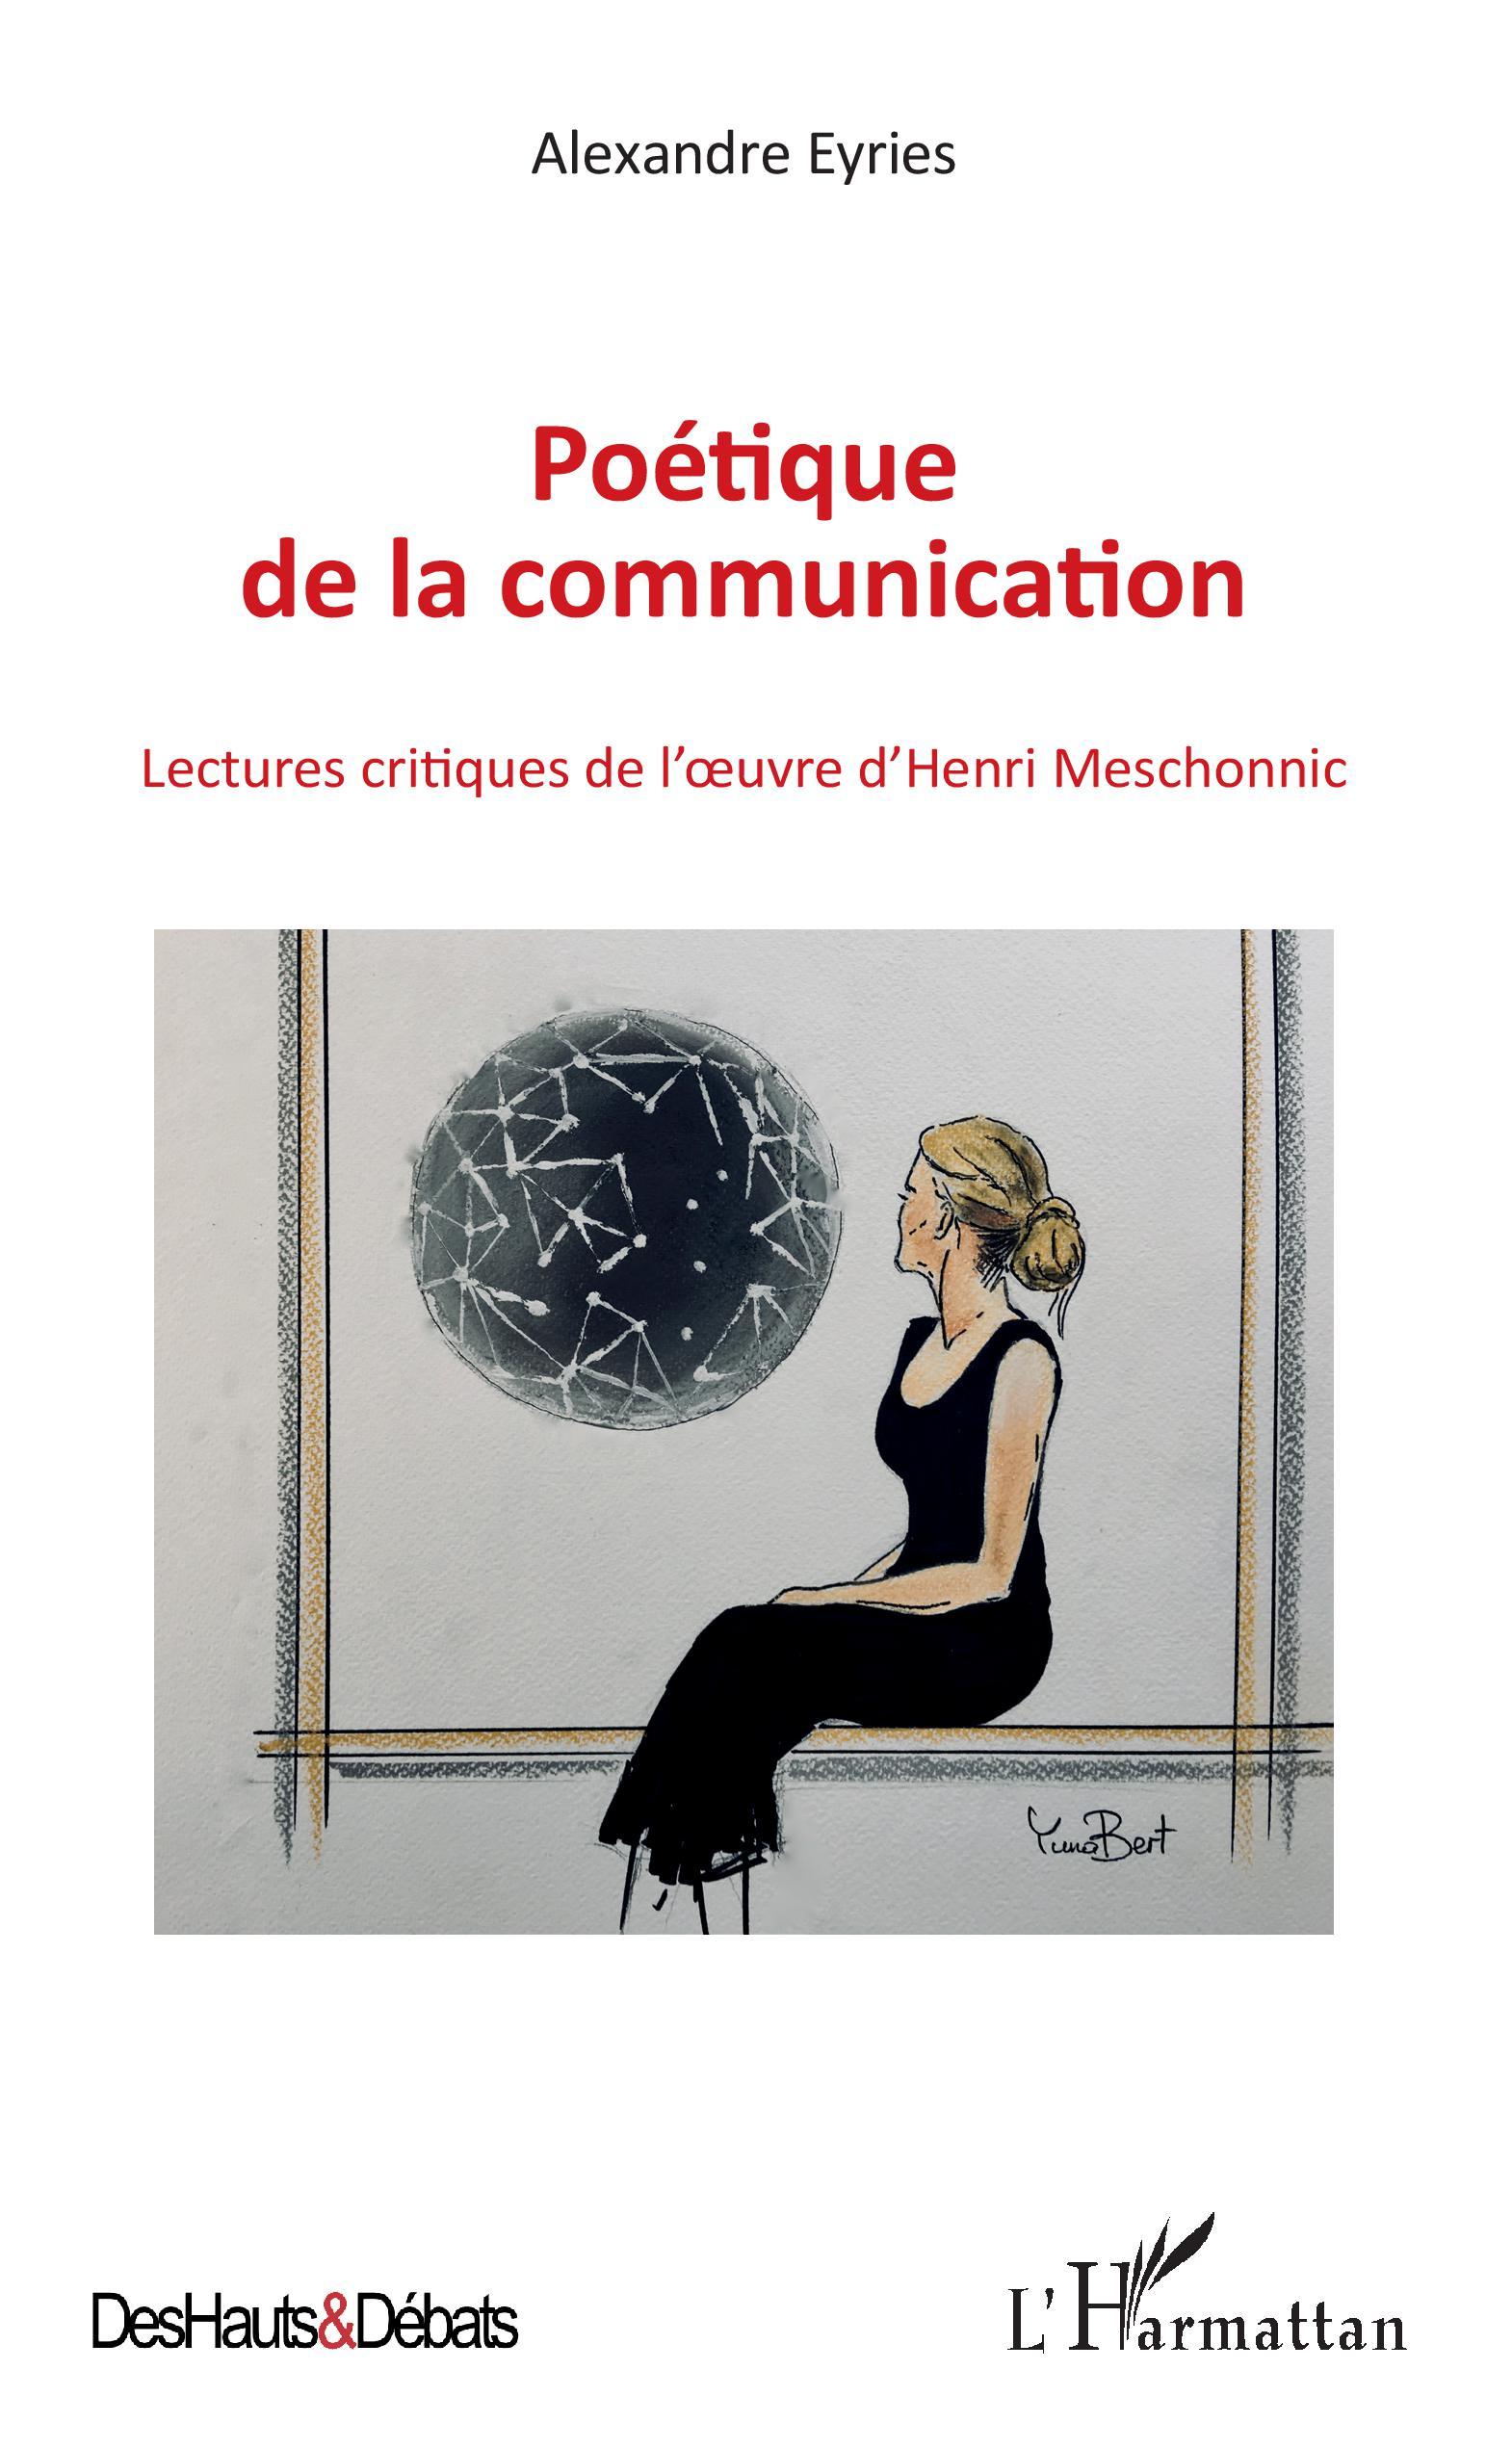 A. Eyriès, Poétique de la communication - Lectures critiques de l'oeuvre d'Henri Meschonnic